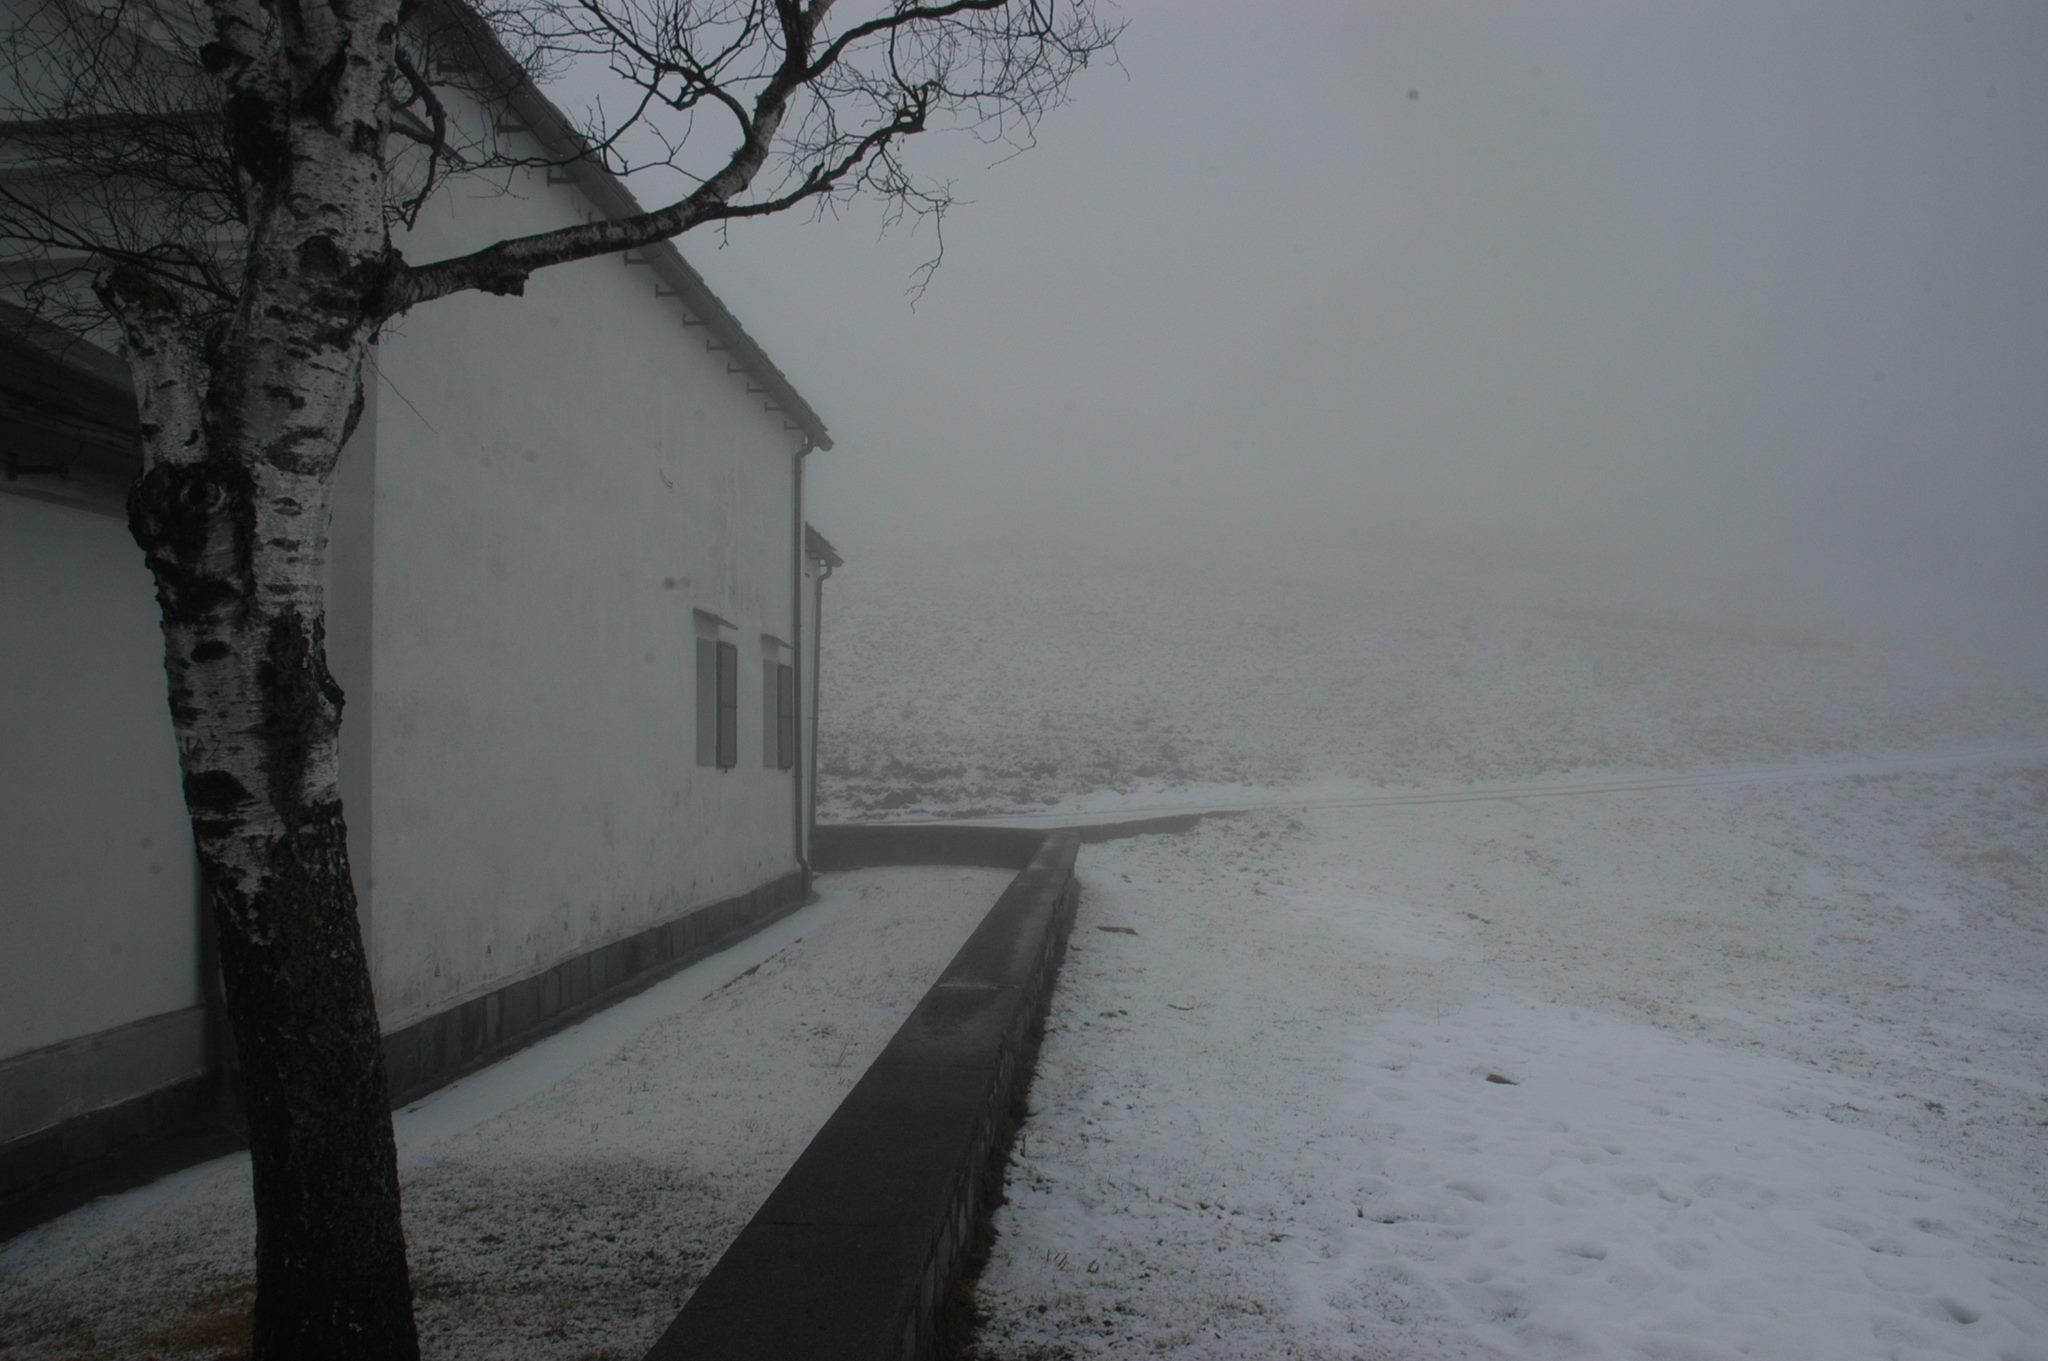 Nudo nelle foto di neve